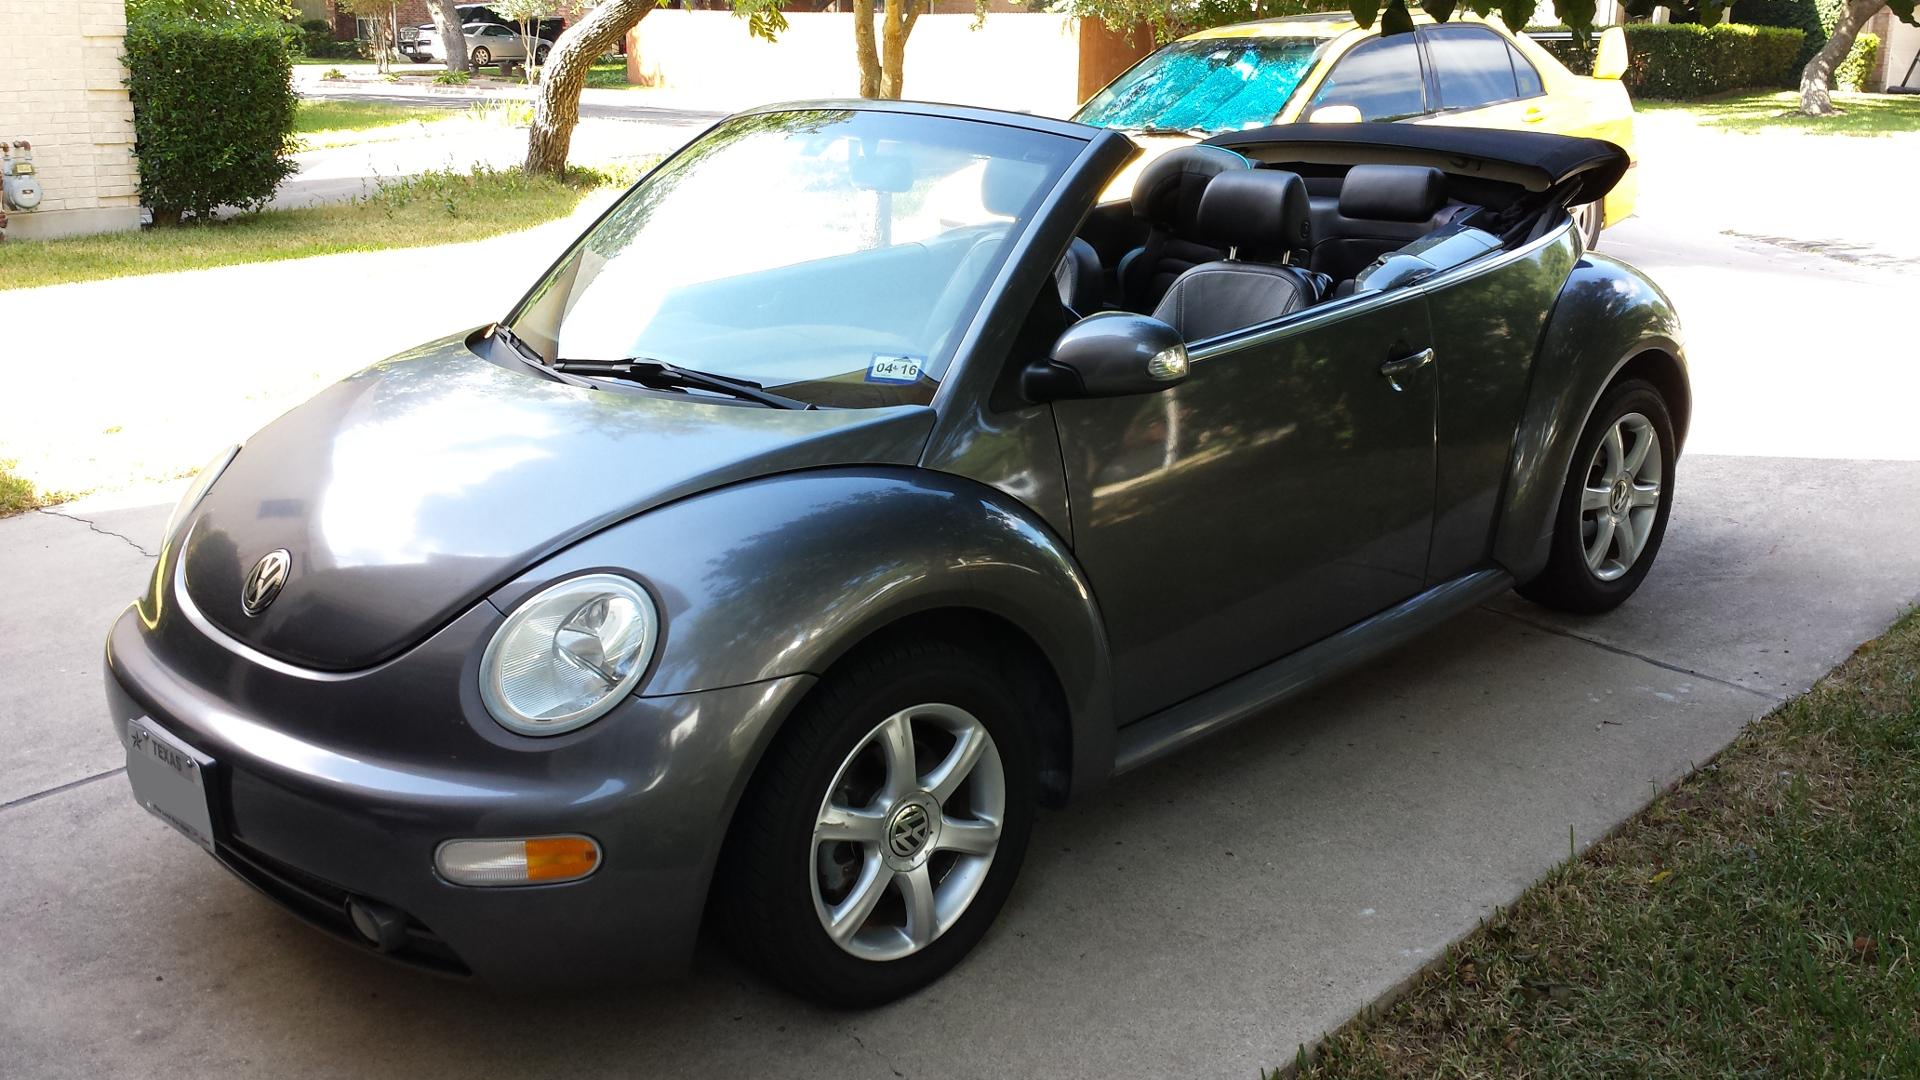 2005 Volkwagen Beetle Turbo Convertible